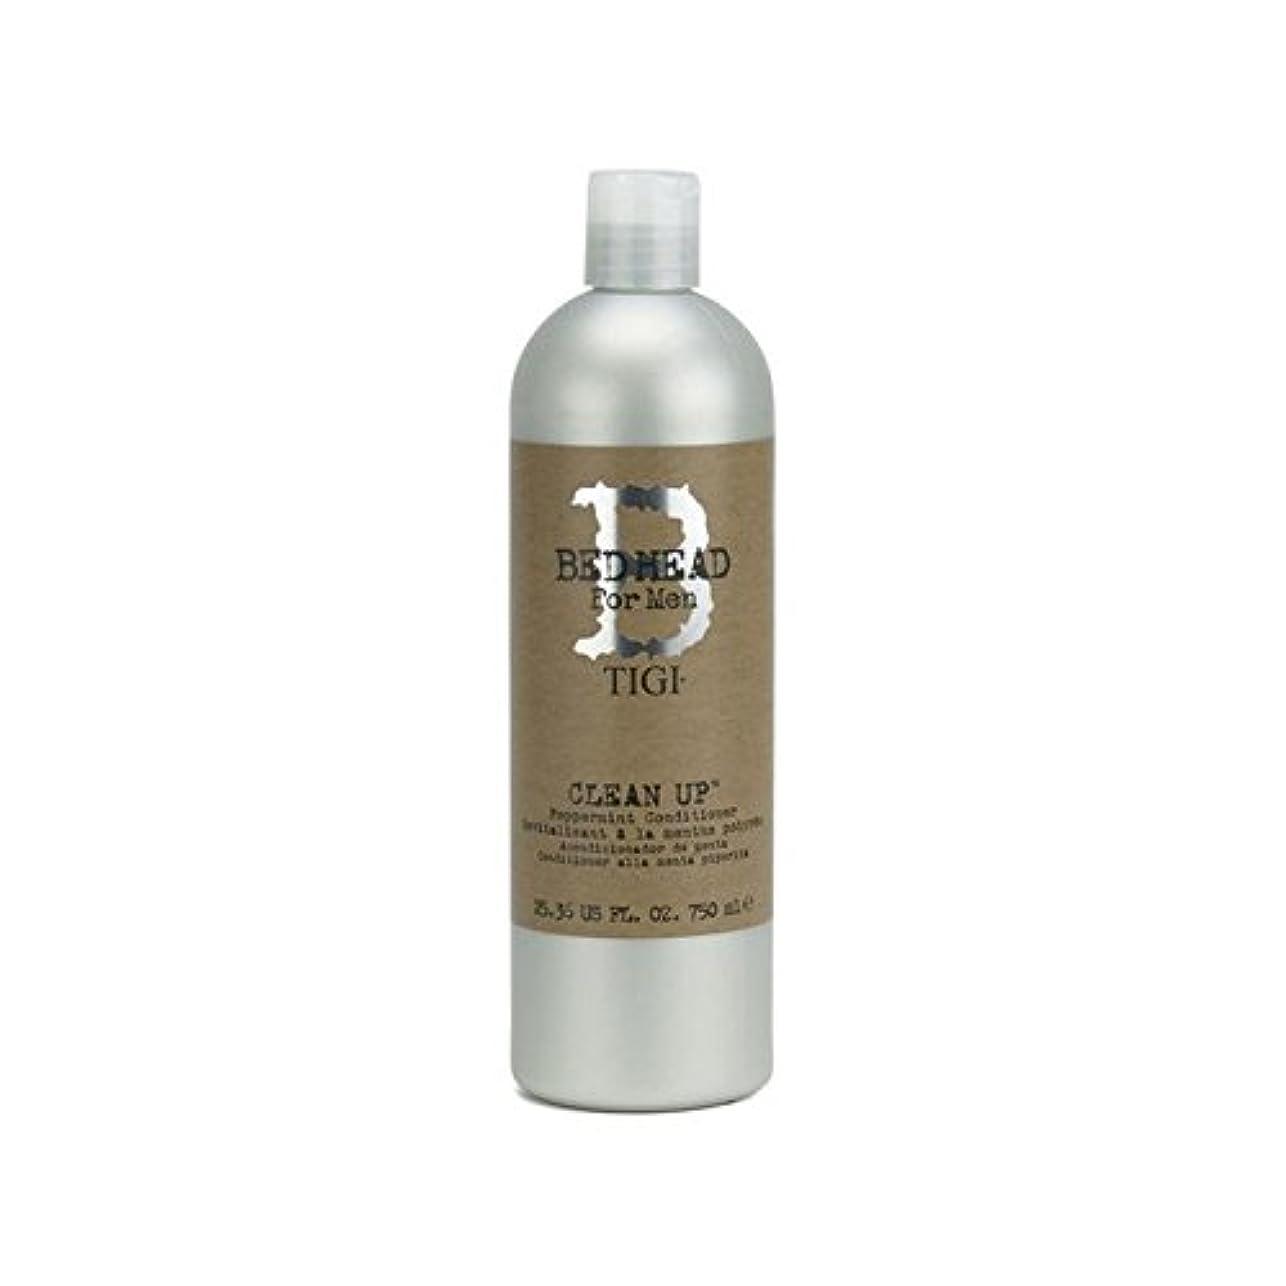 見落とす容疑者十Tigi Bed Head For Men Clean Up Peppermint Conditioner (750ml) - ペパーミントコンディショナーをクリーンアップする男性のためのティジーベッドヘッド(750ミリリットル...